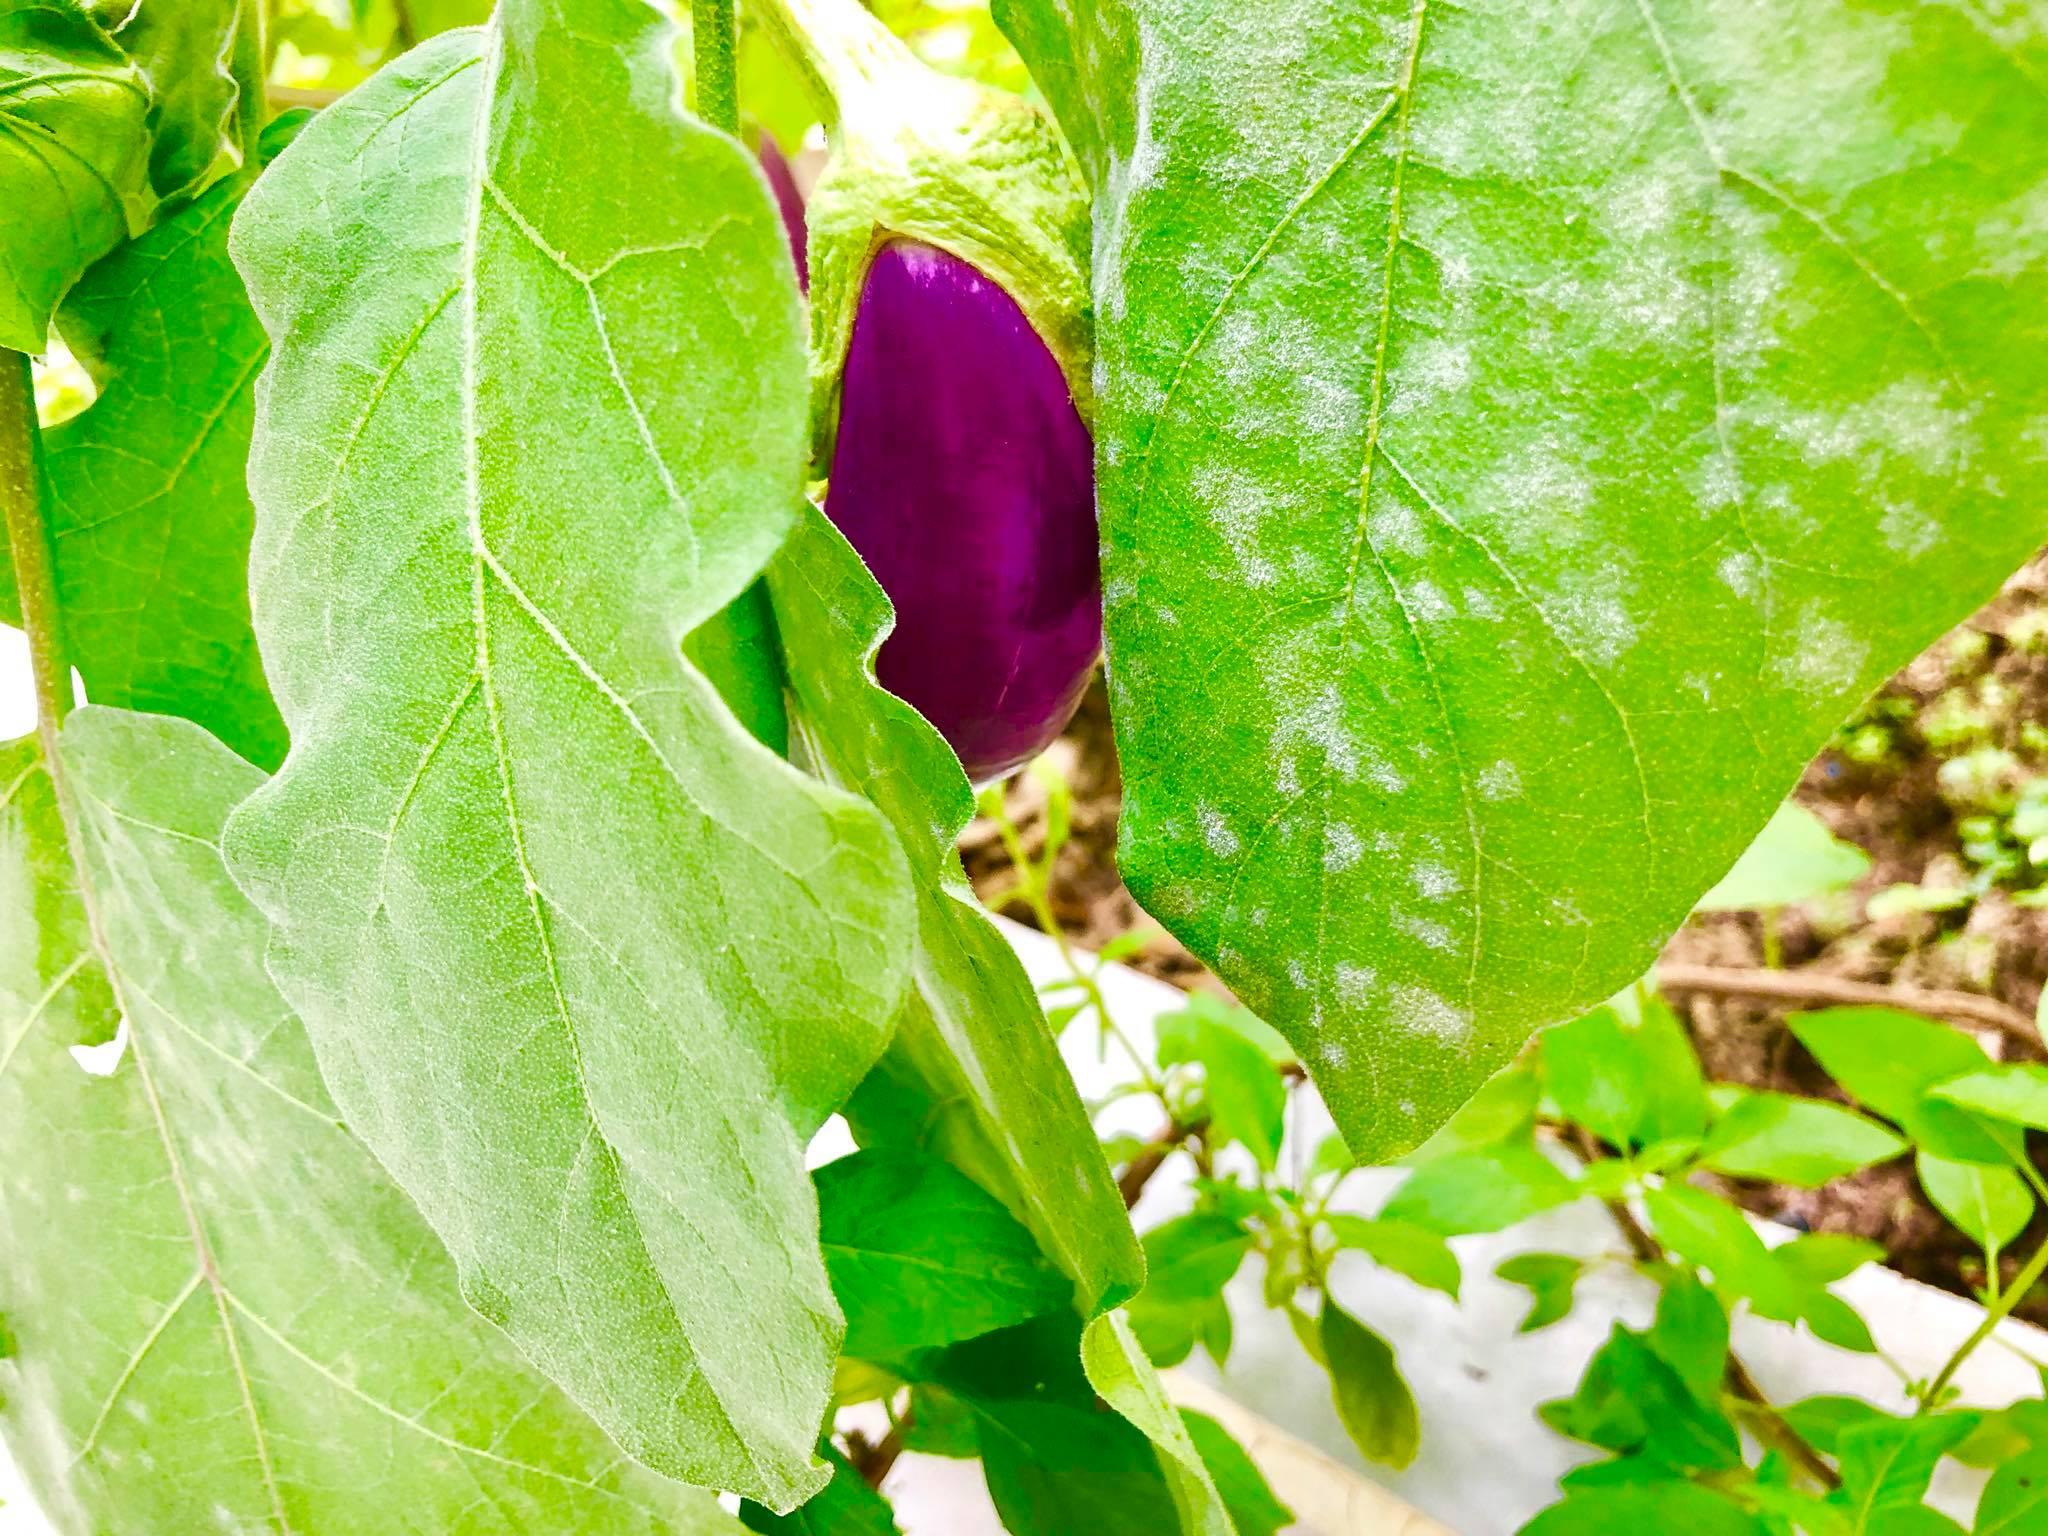 Ngắm vườn rau quả sạch tốt tươi, xanh mát trong biệt thự triệu đô của vợ chồng Thủy Tiên - Công Vinh - Ảnh 4.